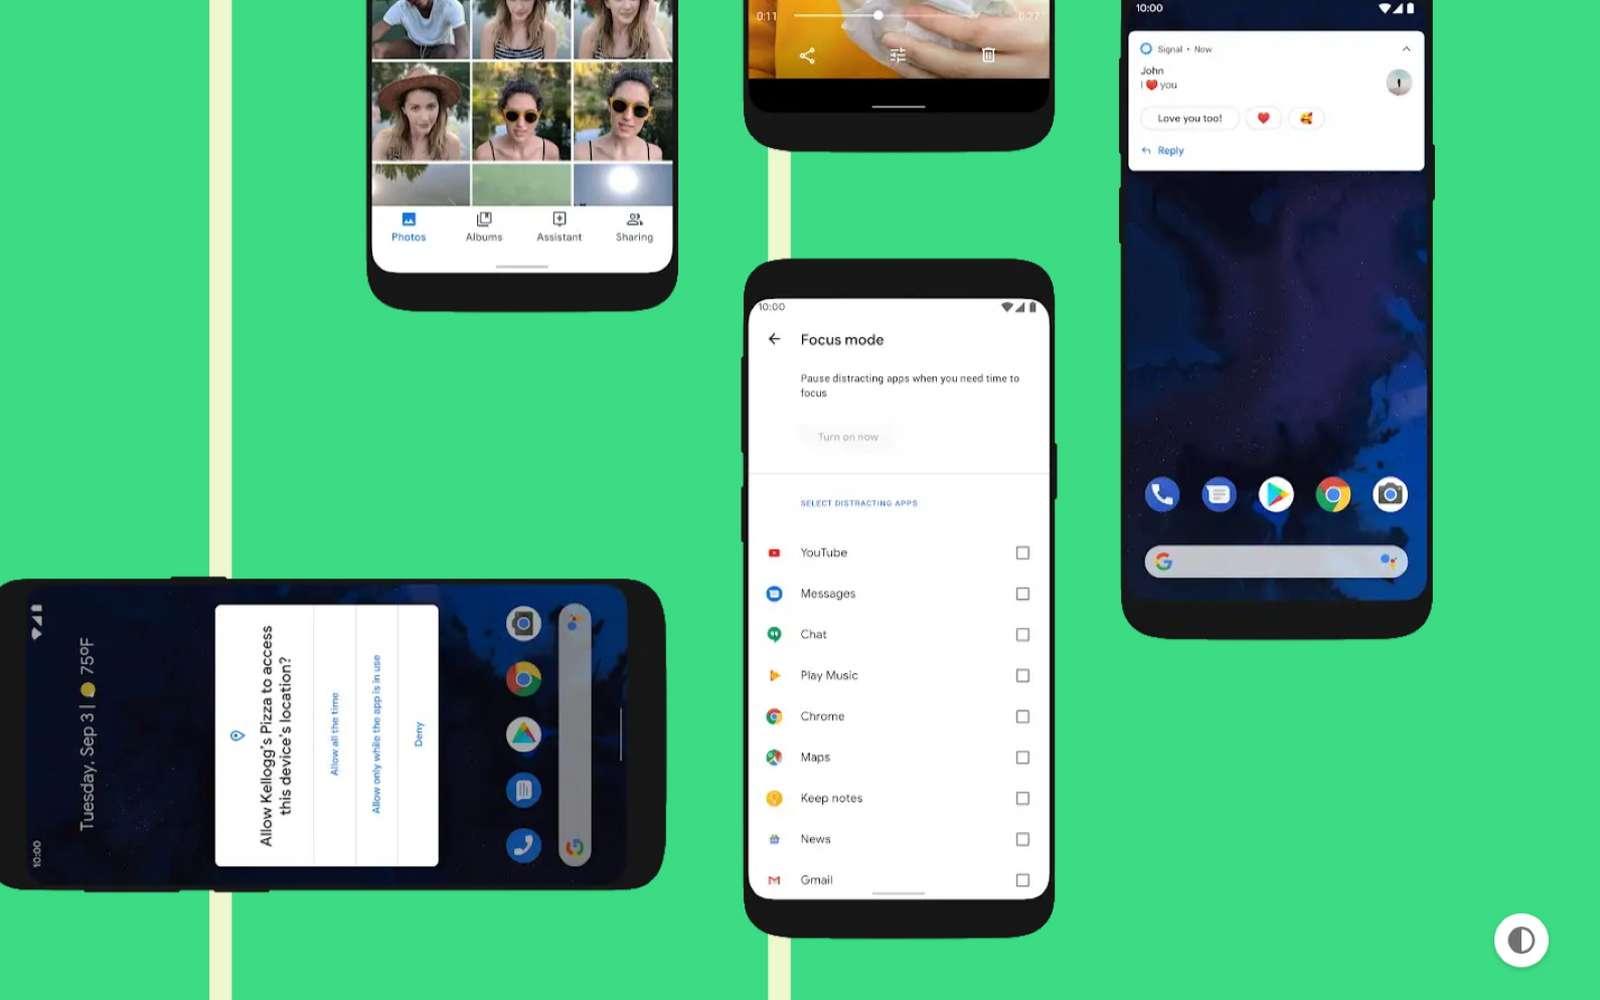 Les nouveautés sont nombreuses avec Android 10, mais la plus visible reste l'utilisation de gestes à la place des boutons virtuels sur l'écran. La sécurité est aussi renforcée. © Futura